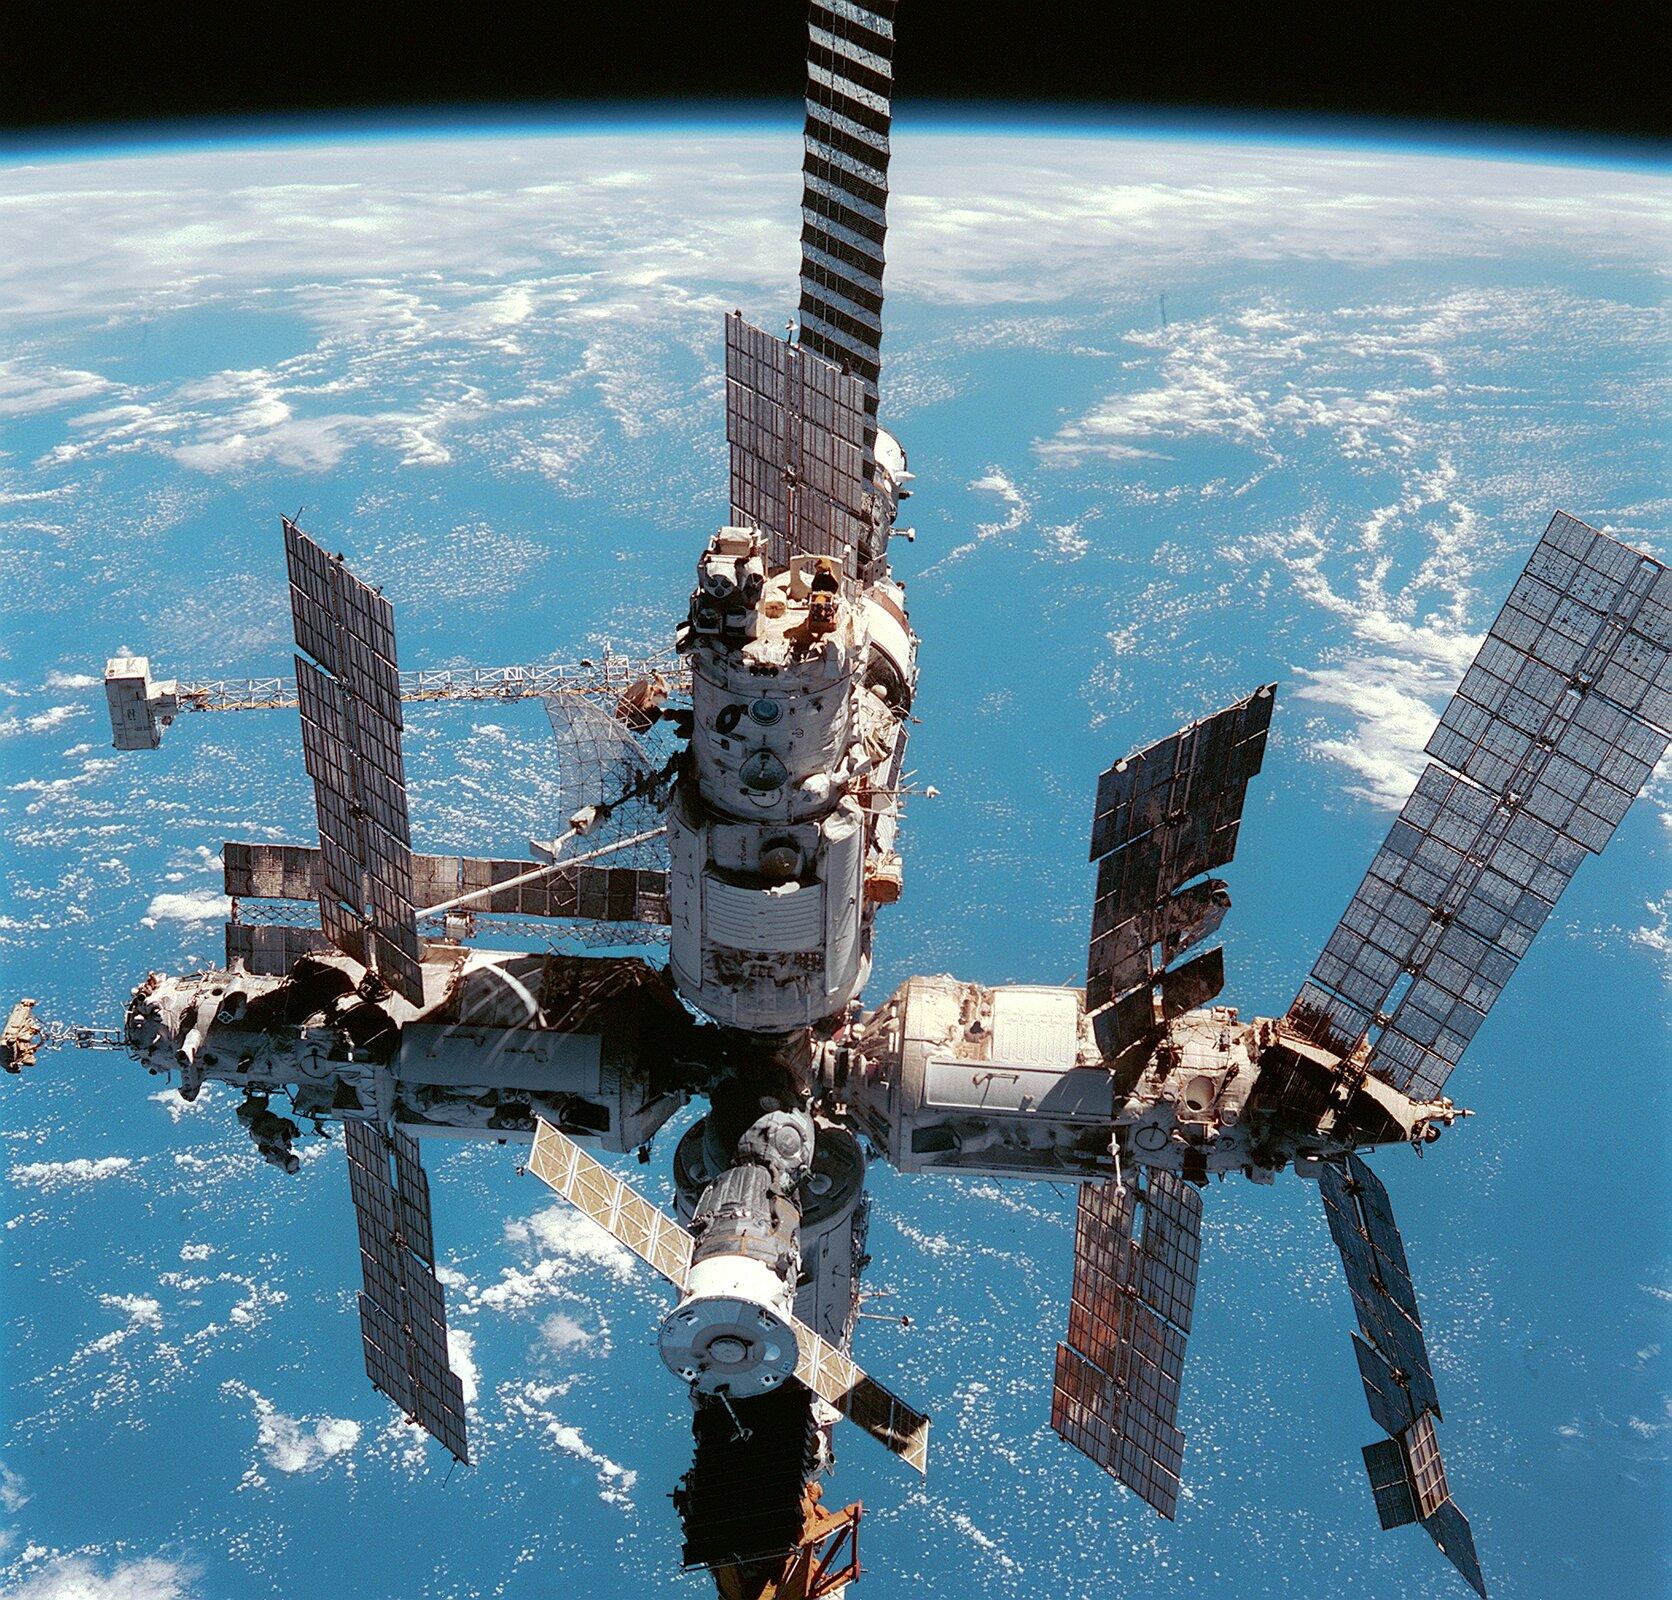 Zdjęcie przedstawia stację kosmiczną Mir na orbicie. Na pierwszym planie widoczna stacja kosmiczna, wtle kula ziemska.